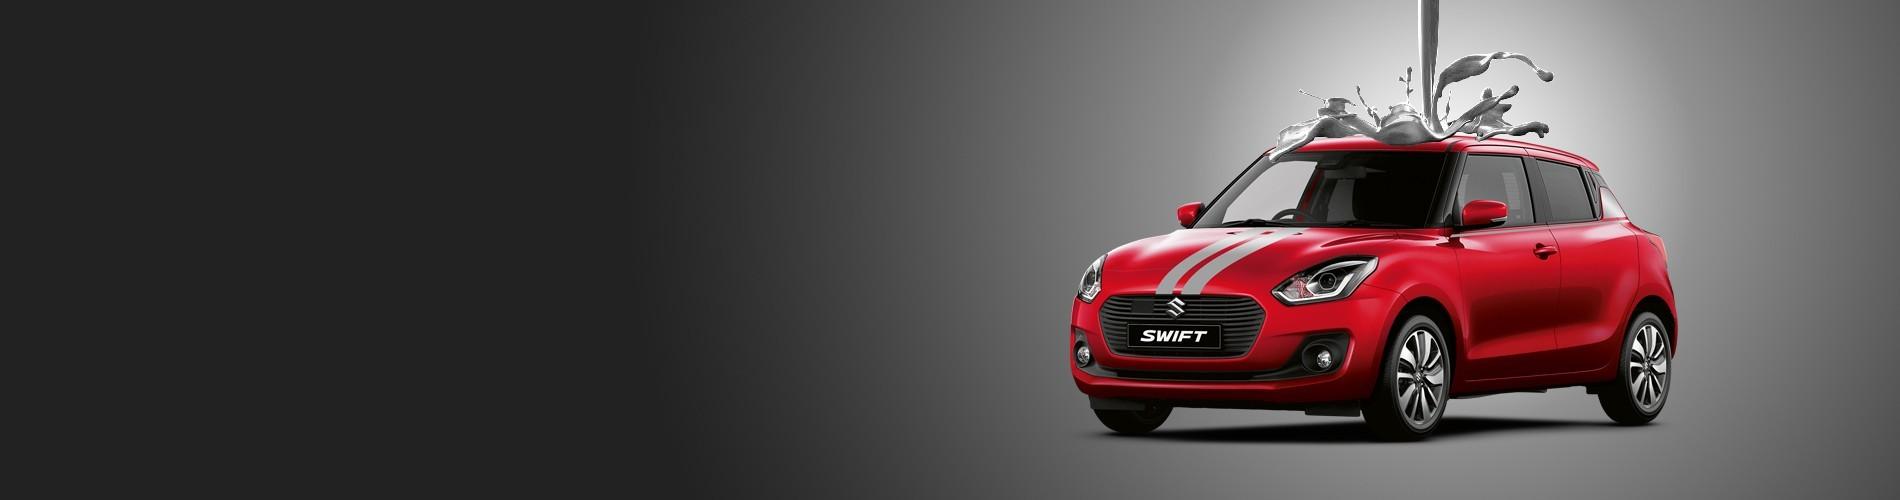 Suzuki Swift Decal